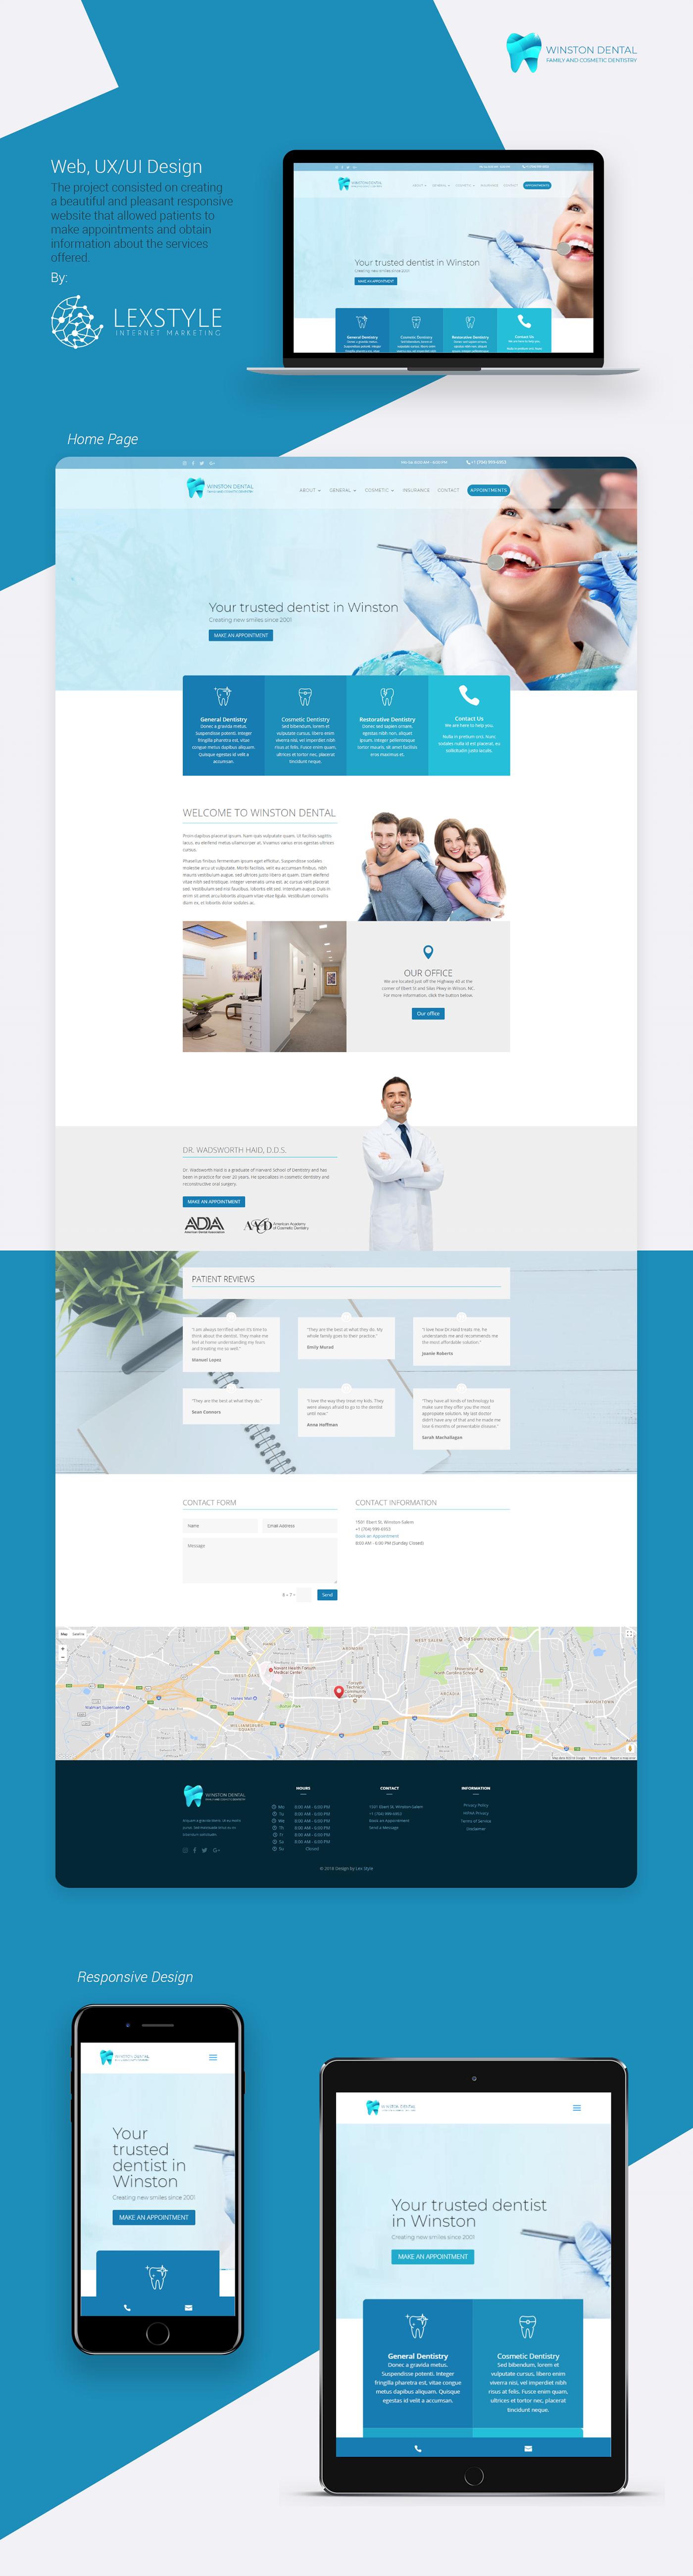 dentalwebdesign medicalwebdesign dentaldesign doctordesign Webdesign uidesign uxdesign Webdevelopment MedicalDesign